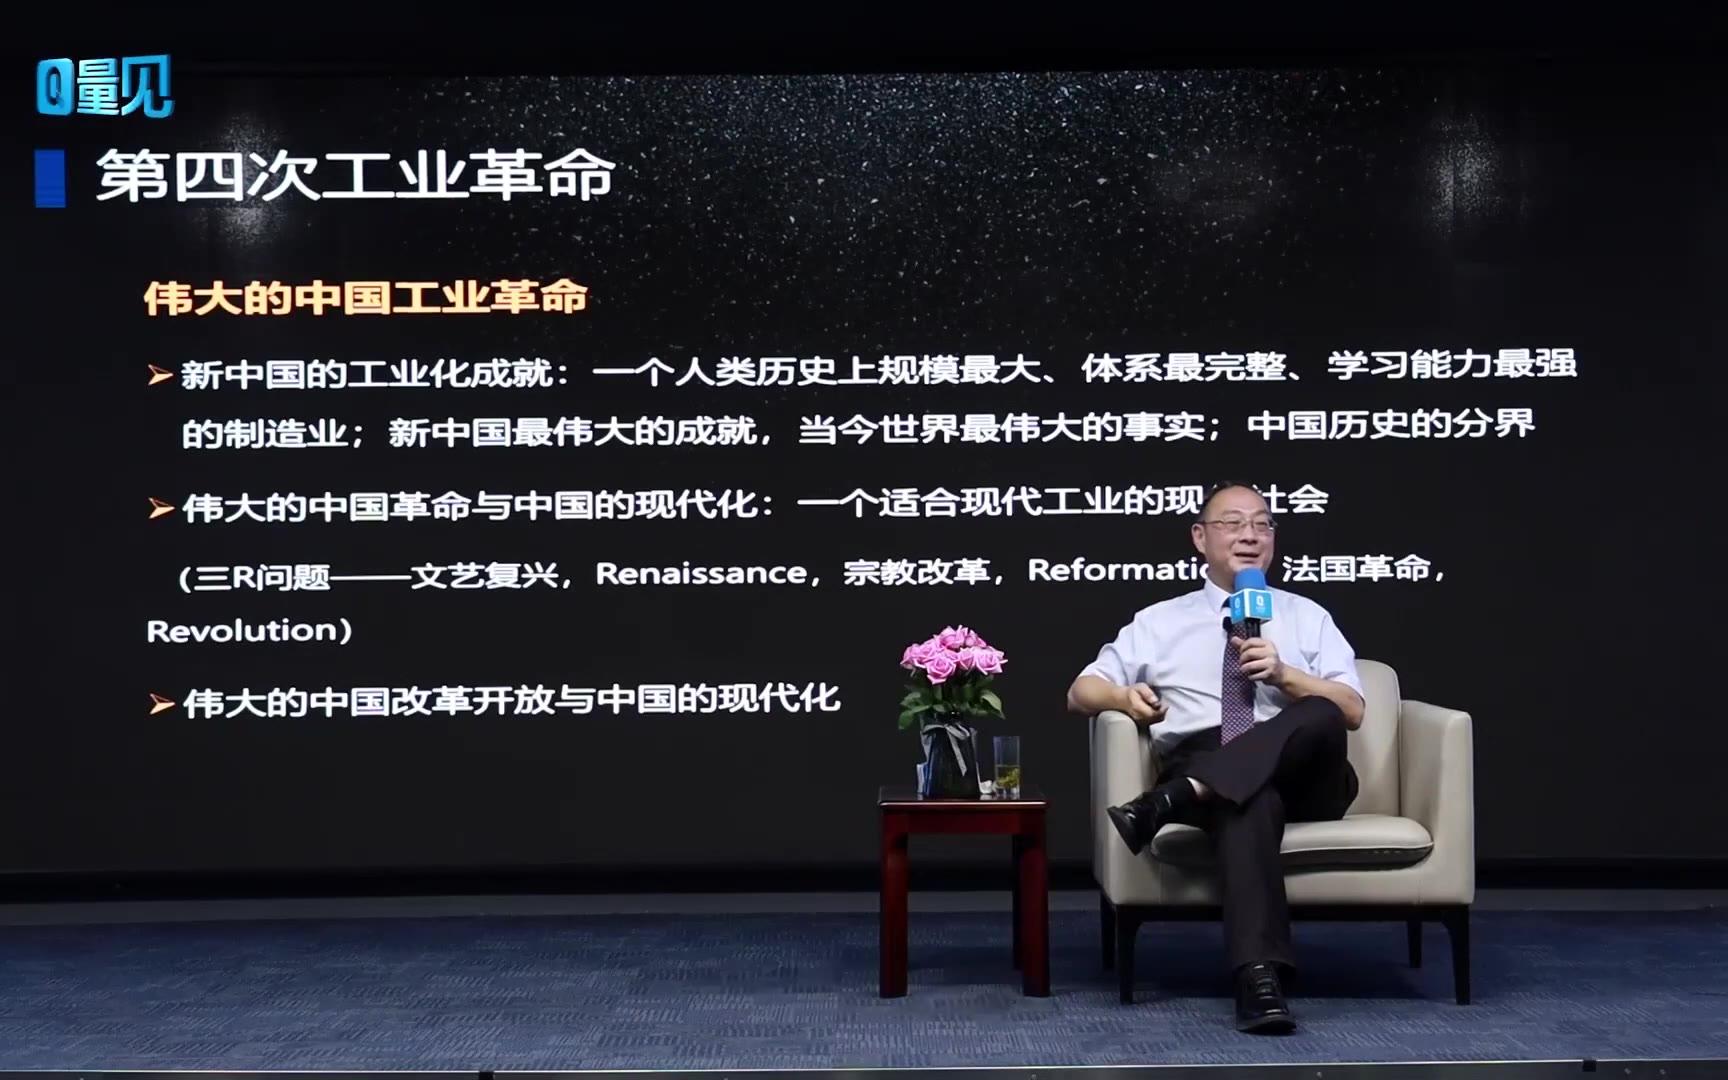 金灿荣:中国完成了14亿人的工业化,全面碾压欧美!【大国崛起 19】